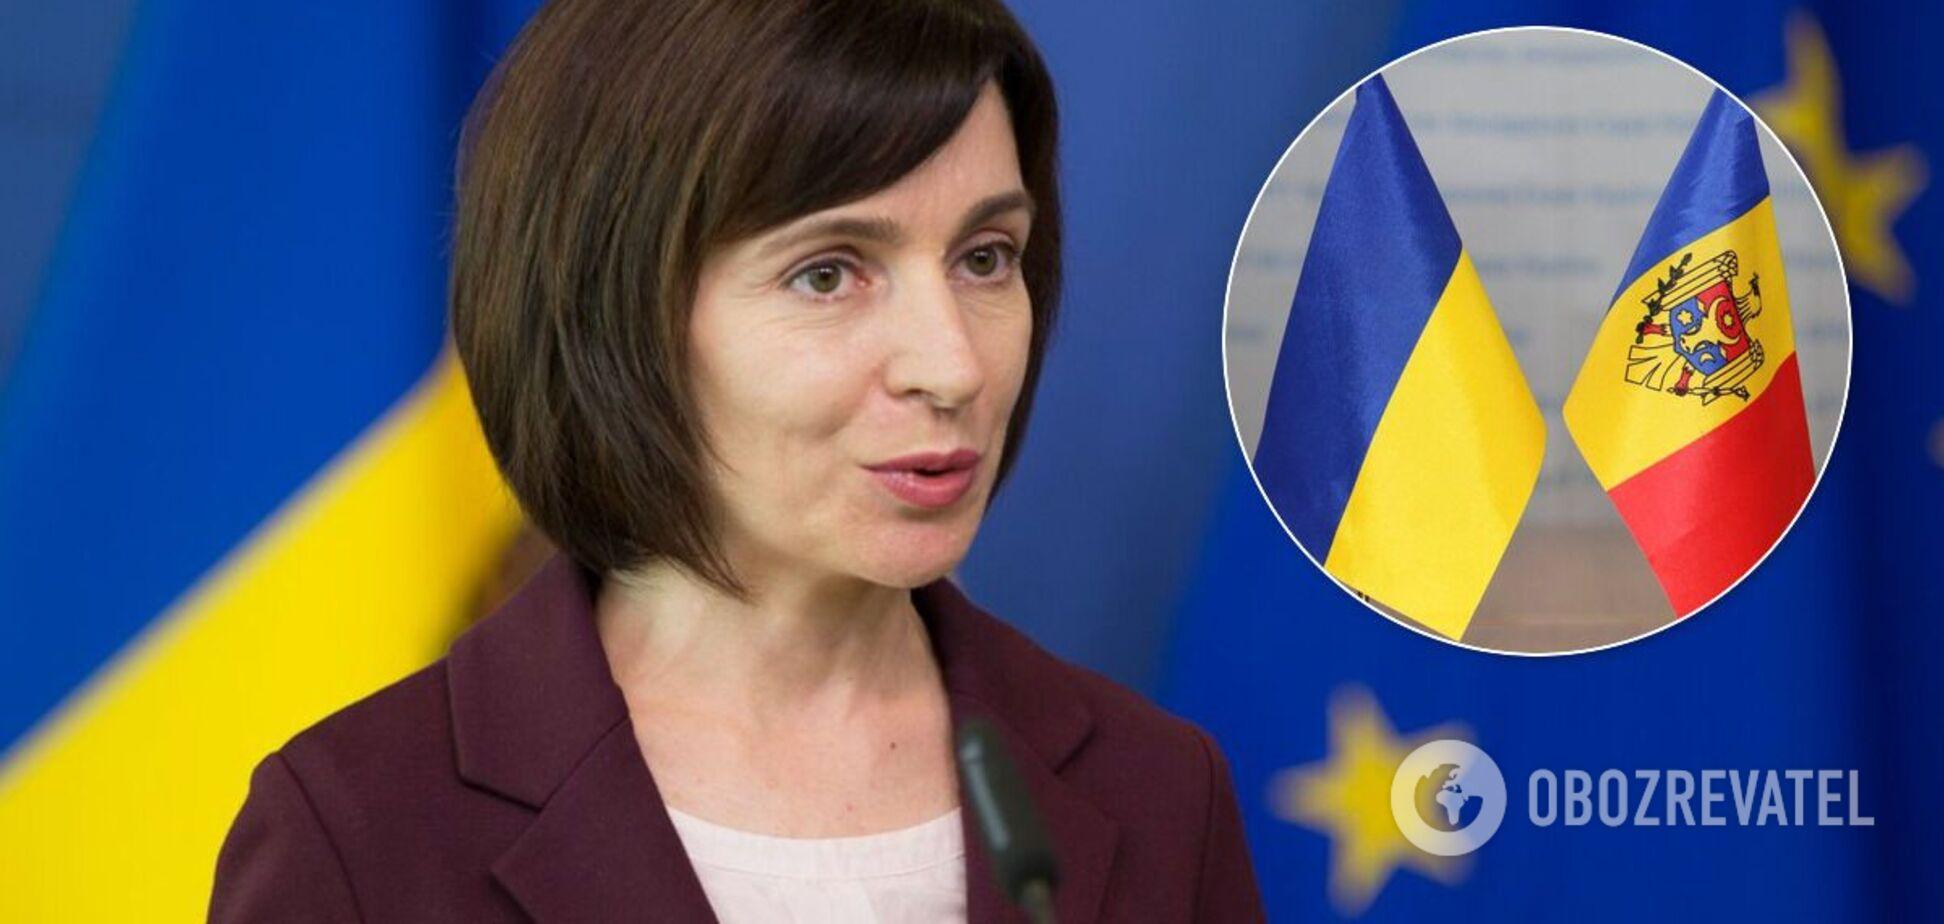 Візит Санду свідчить про визнання Молдовою авторитету України, – Кулеба